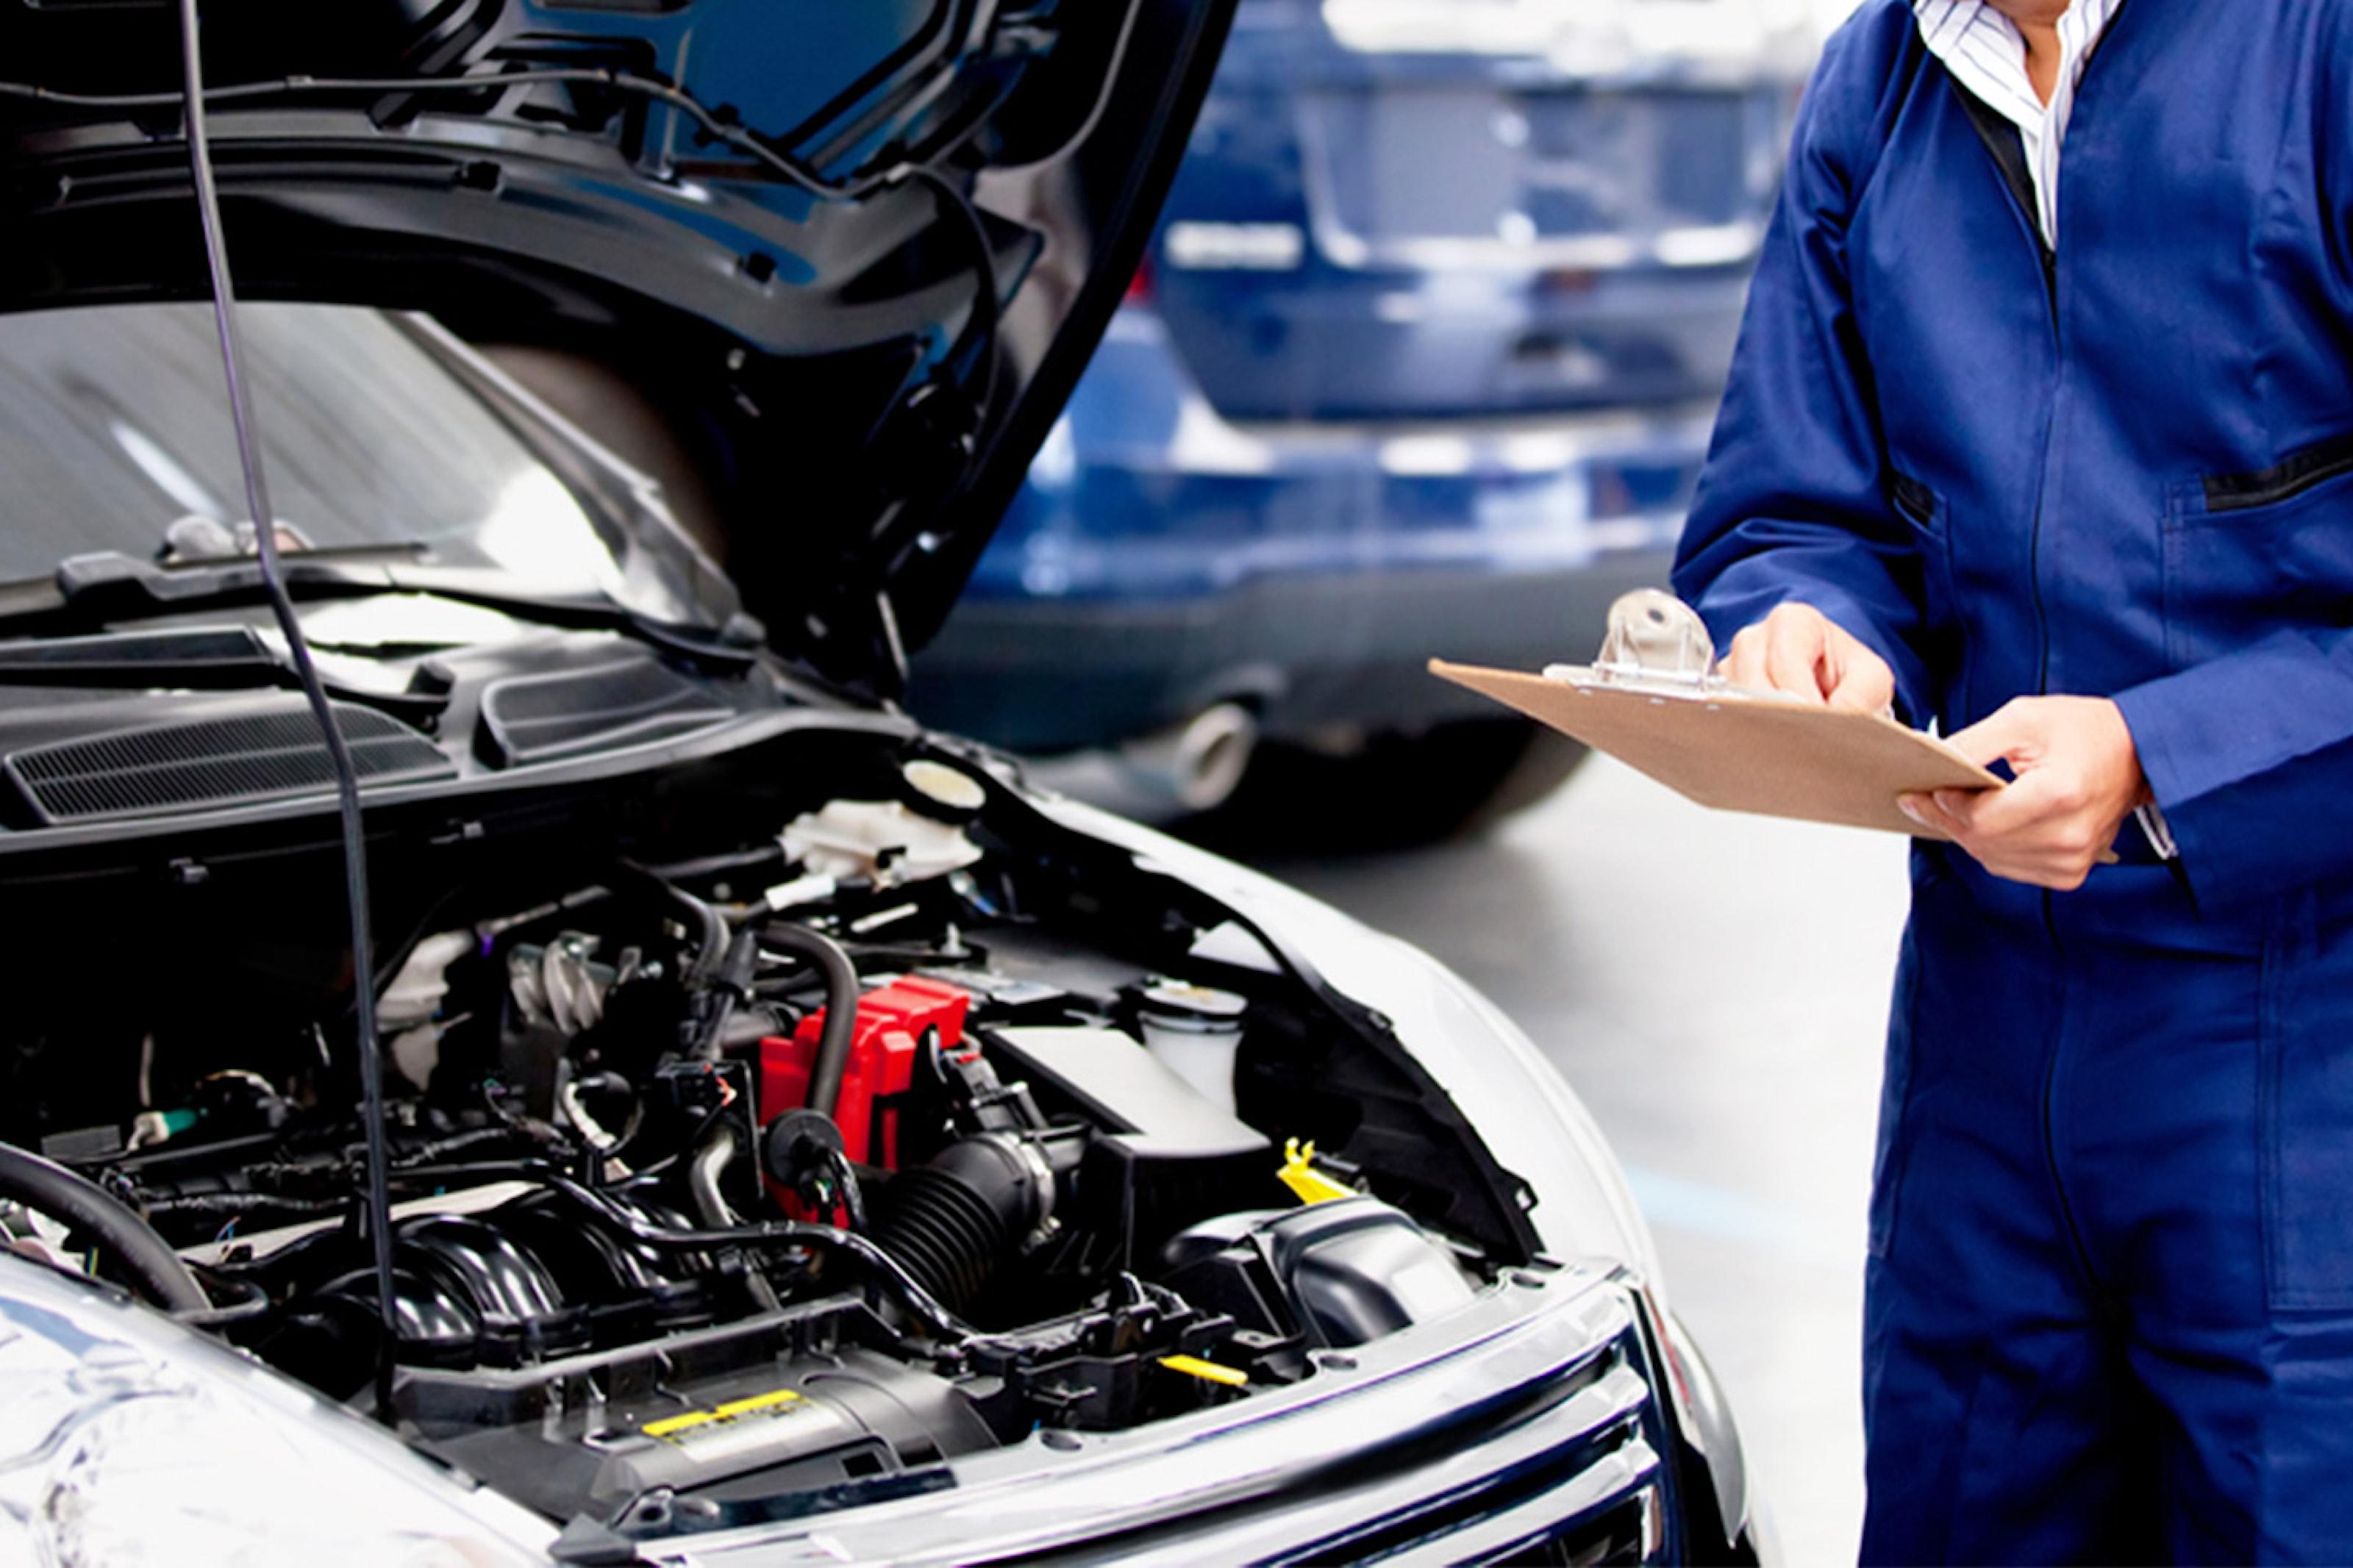 Bilservice inkl. utvändig handtvätt hos CTM Västerhaninge